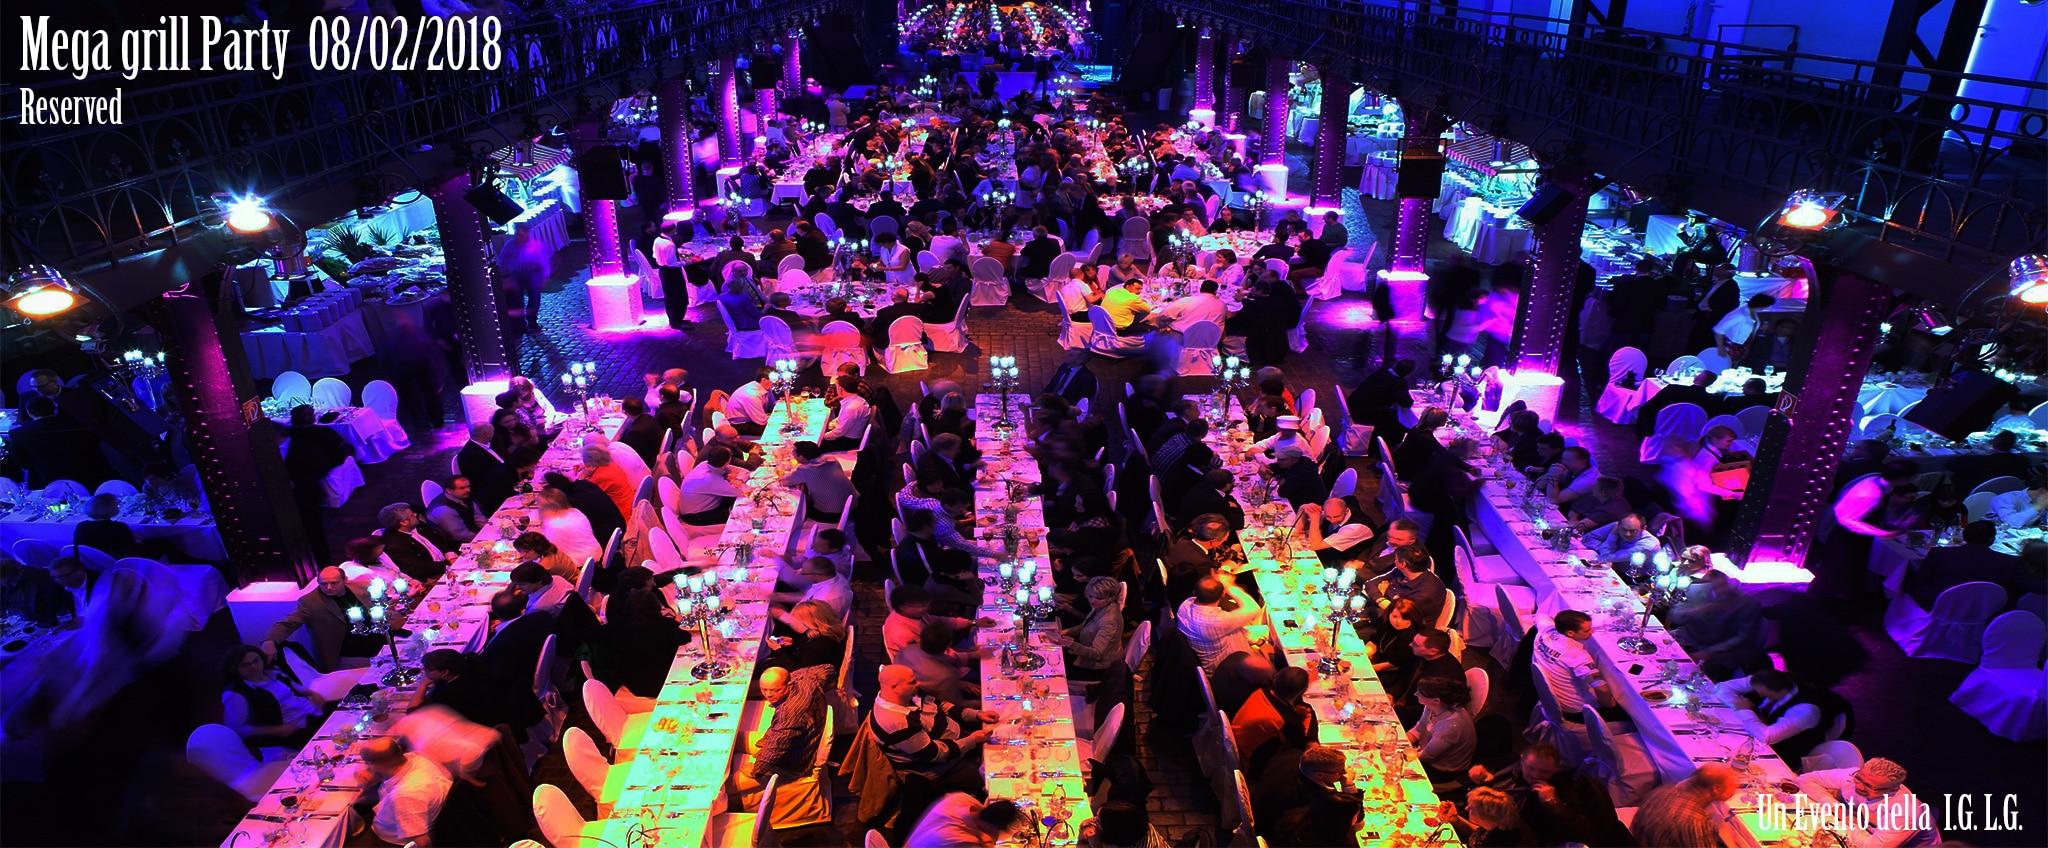 Mega Grill-Party